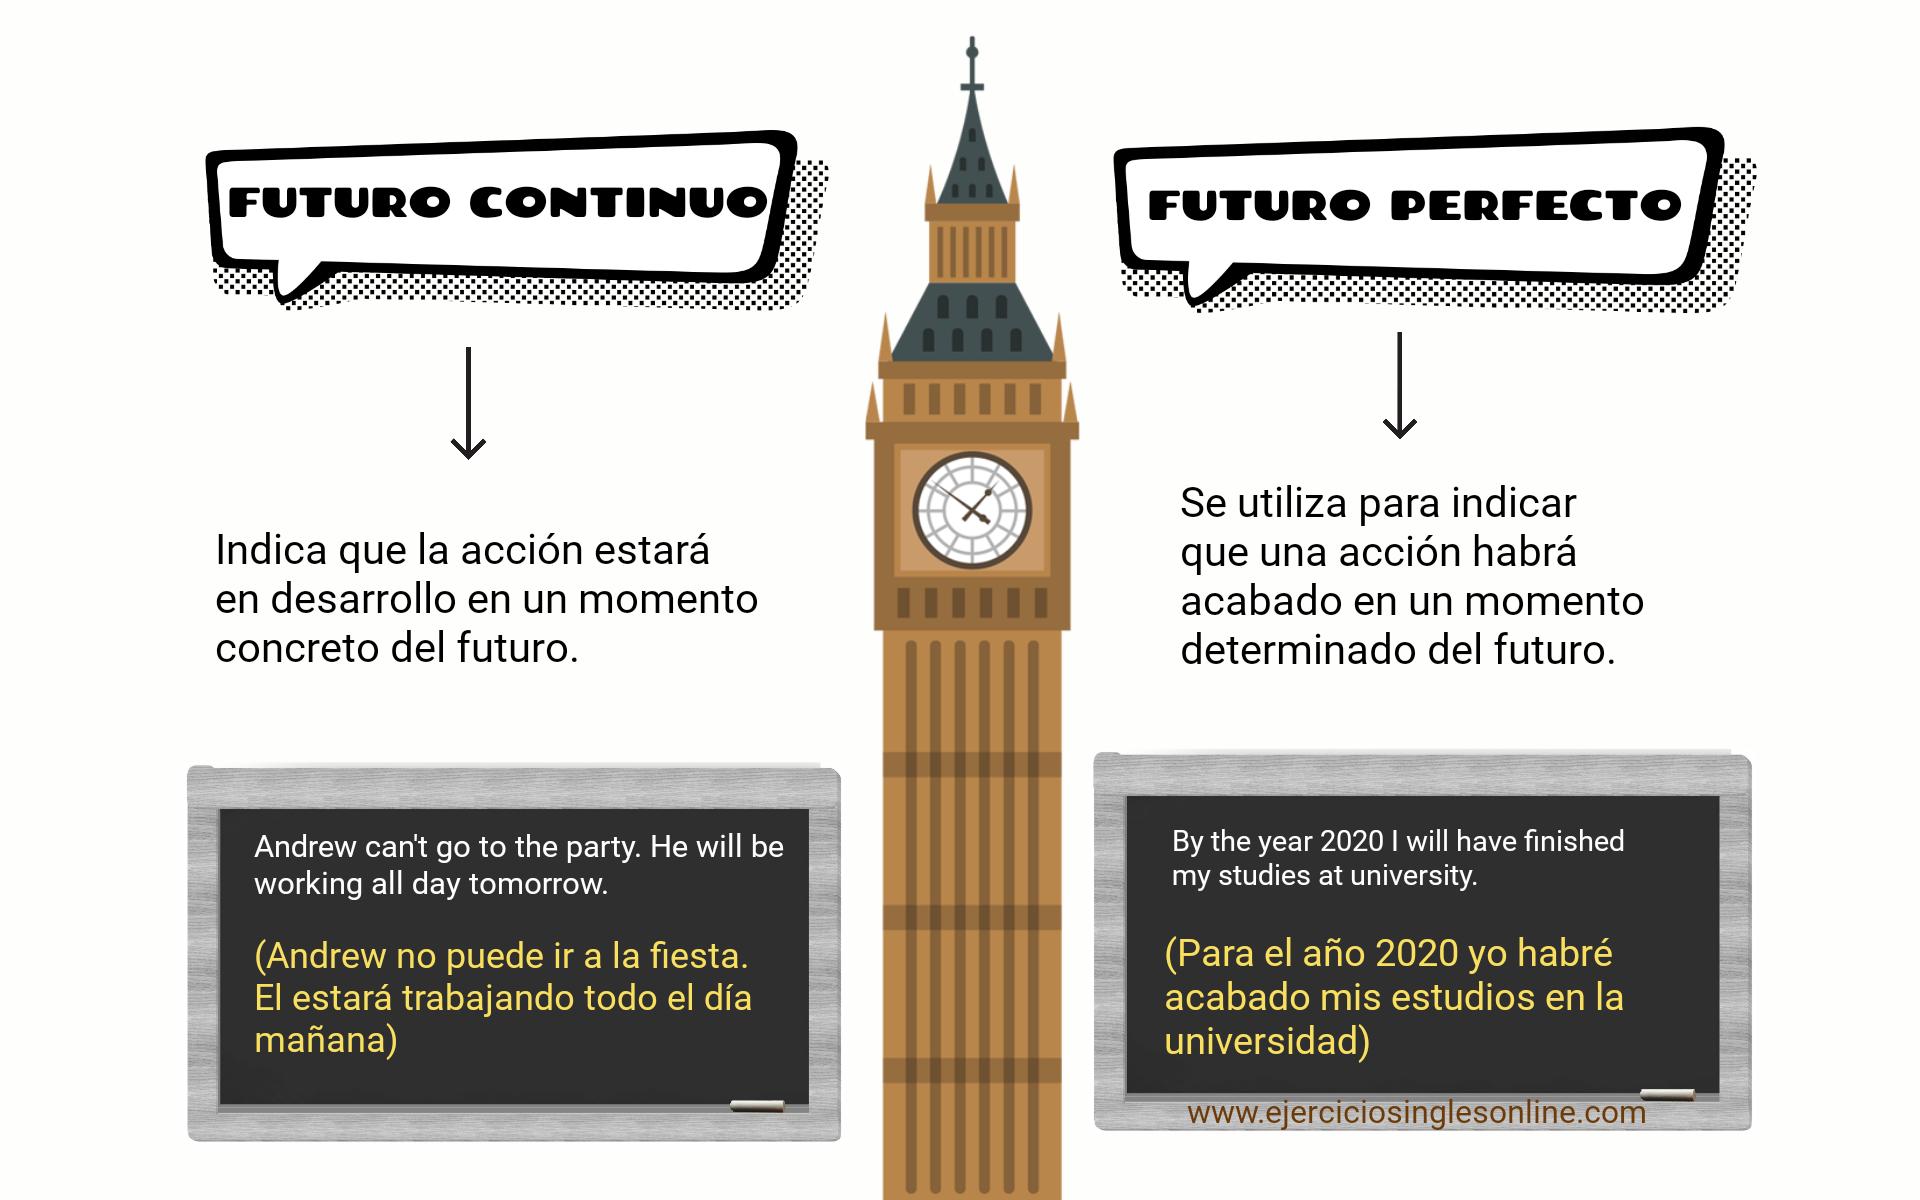 Futuro continuo vs Futuro perfecto - Ejercicio 1 -  Interactivo